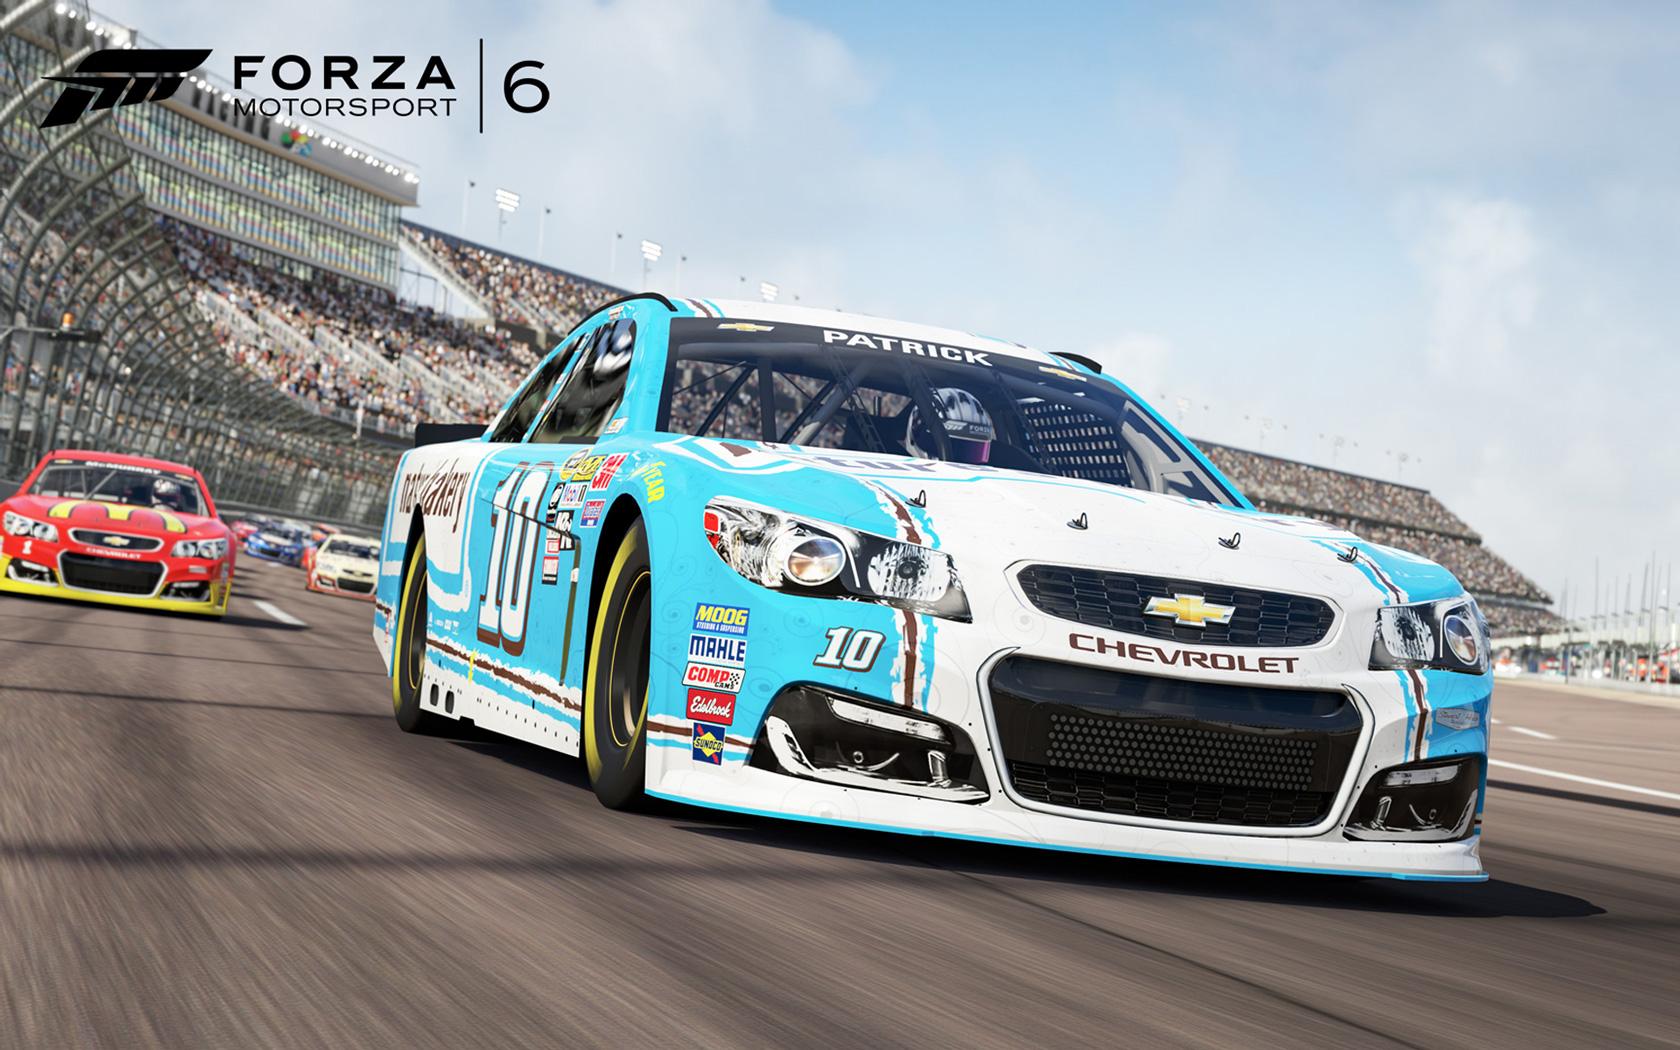 Forza Motorsport 6 Wallpaper in 1680x1050